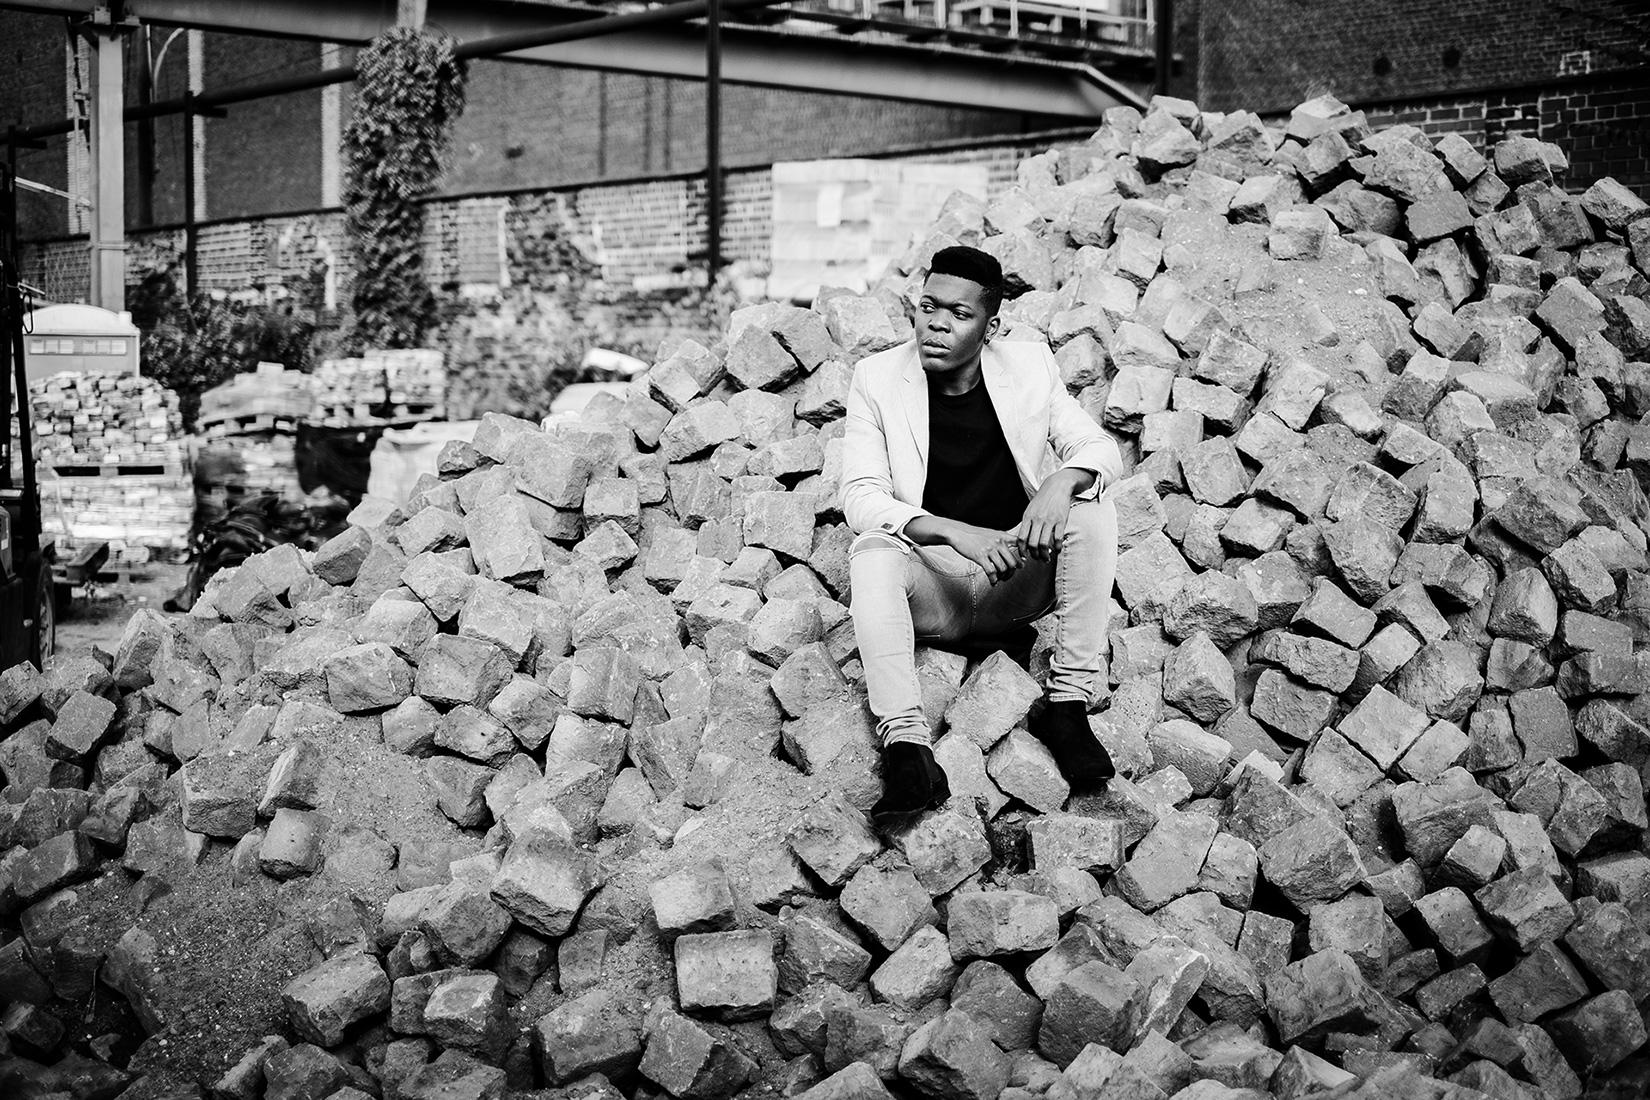 Billy sitzt im Steinhaufen - schwarz-weiß